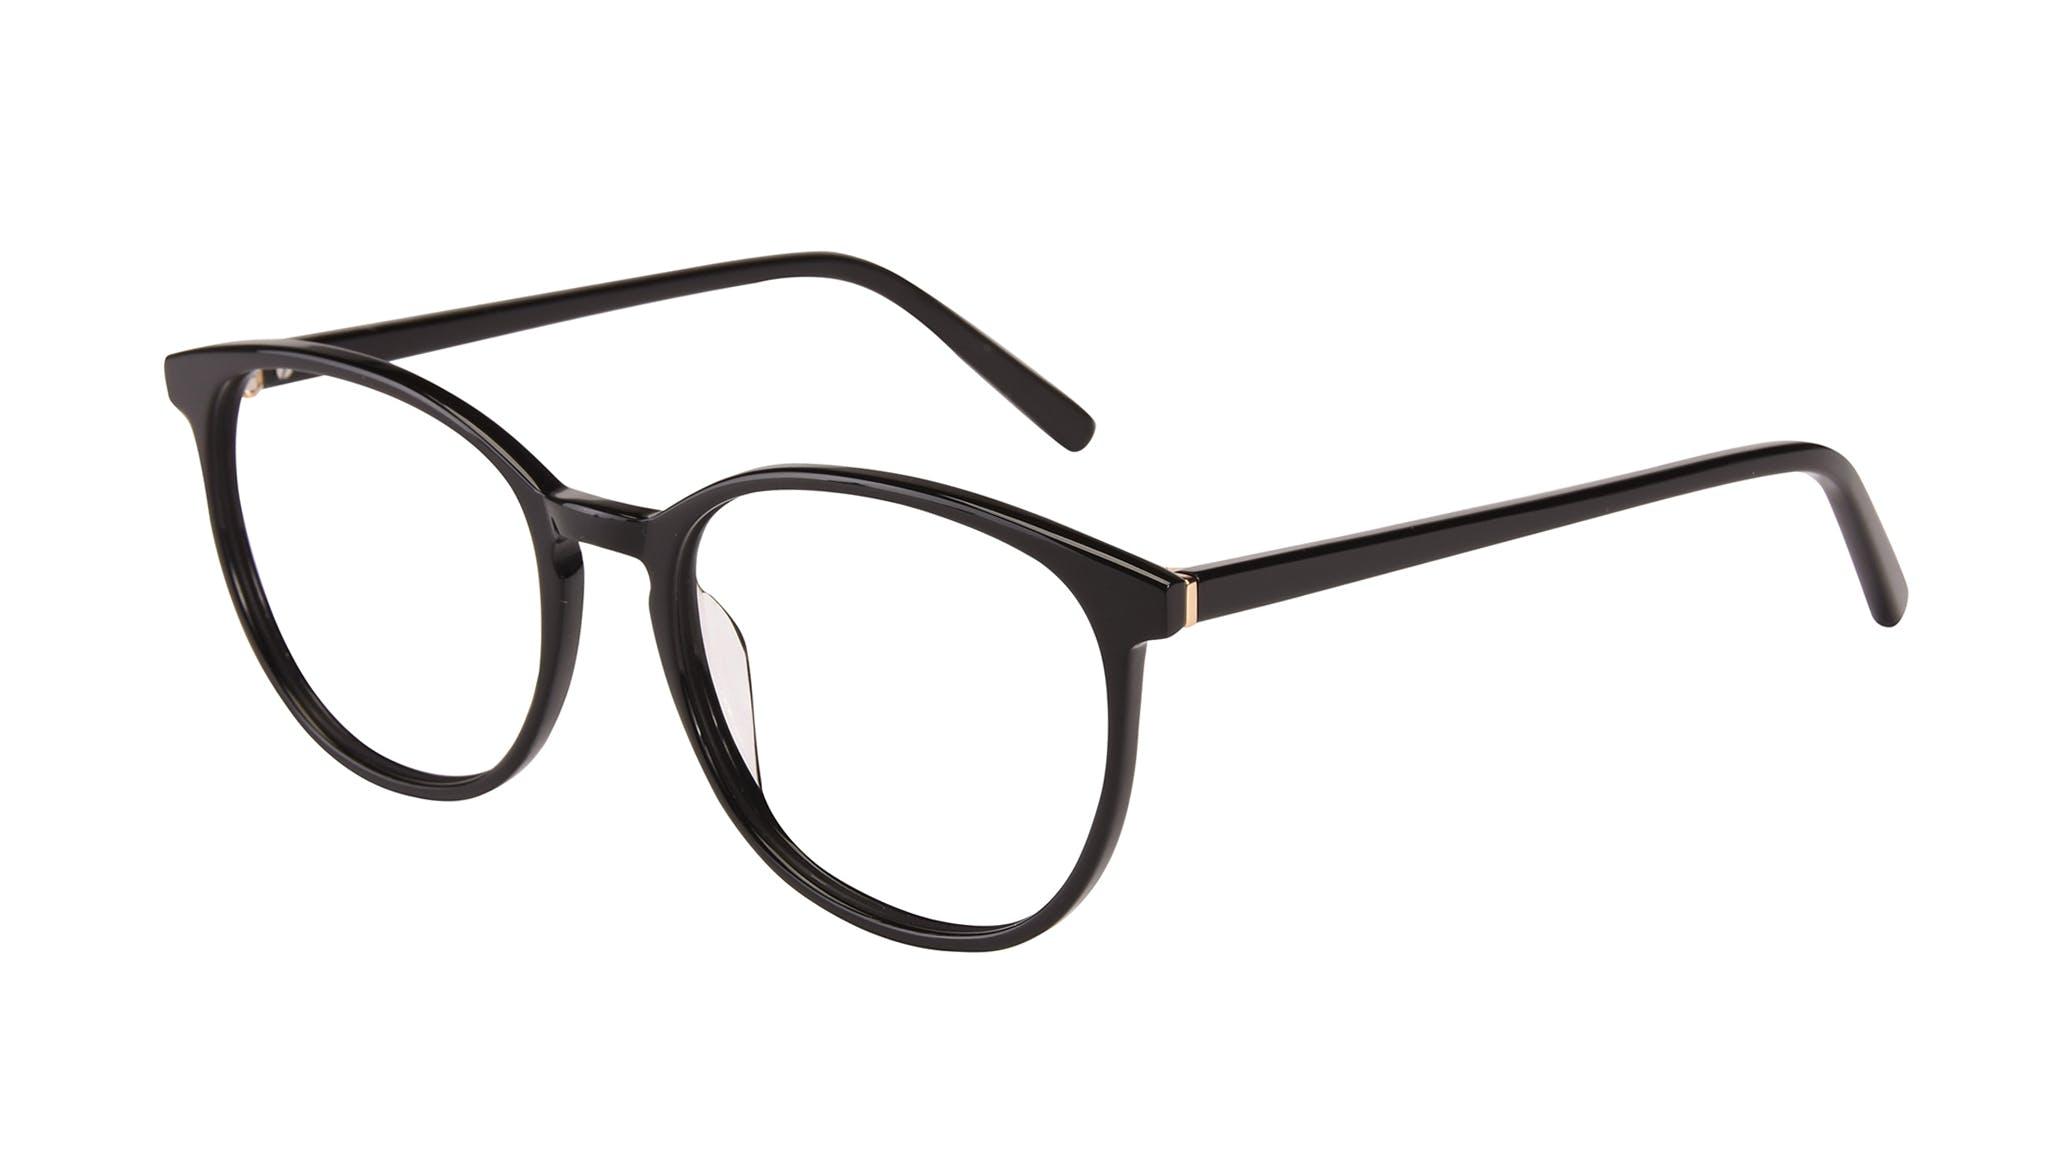 Affordable Fashion Glasses Round Eyeglasses Women Femme Libre Emilie Tilt